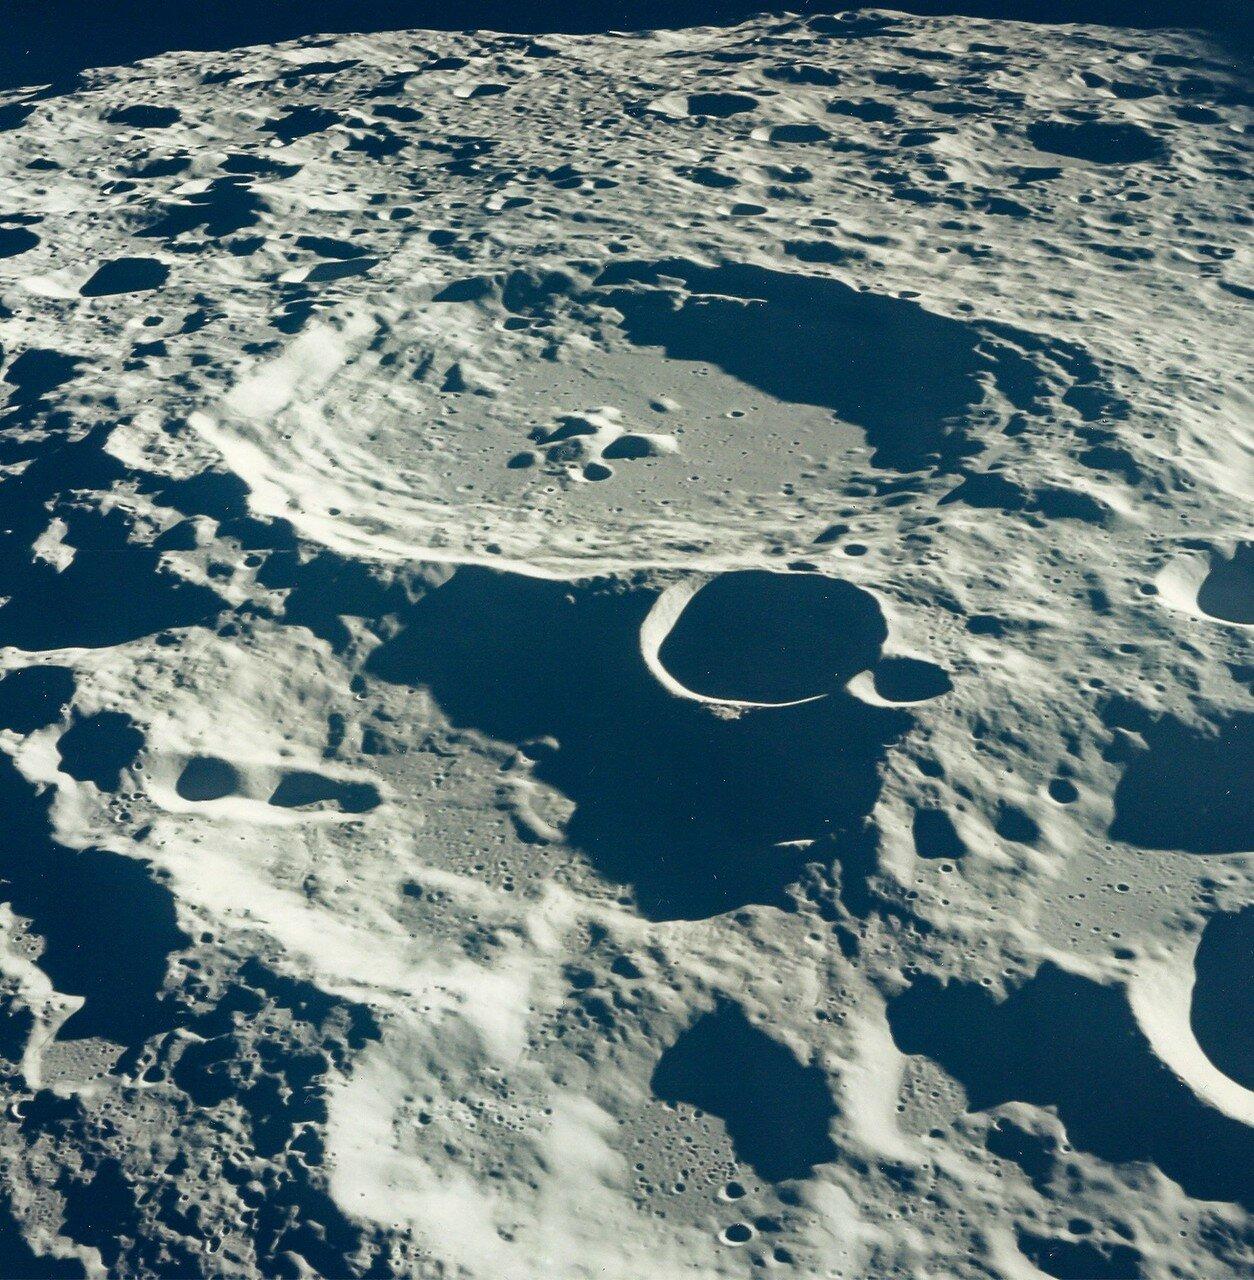 В 75 часов 41 минуту 23 секунды полётного времени «Аполлон-11» скрылся за западным краем диска Луны. В момент потери радиосигнала корабль находился в 572 км от Луны, его скорость составляла 2,336 км/с.  На снимке: Обратная сторона Луны